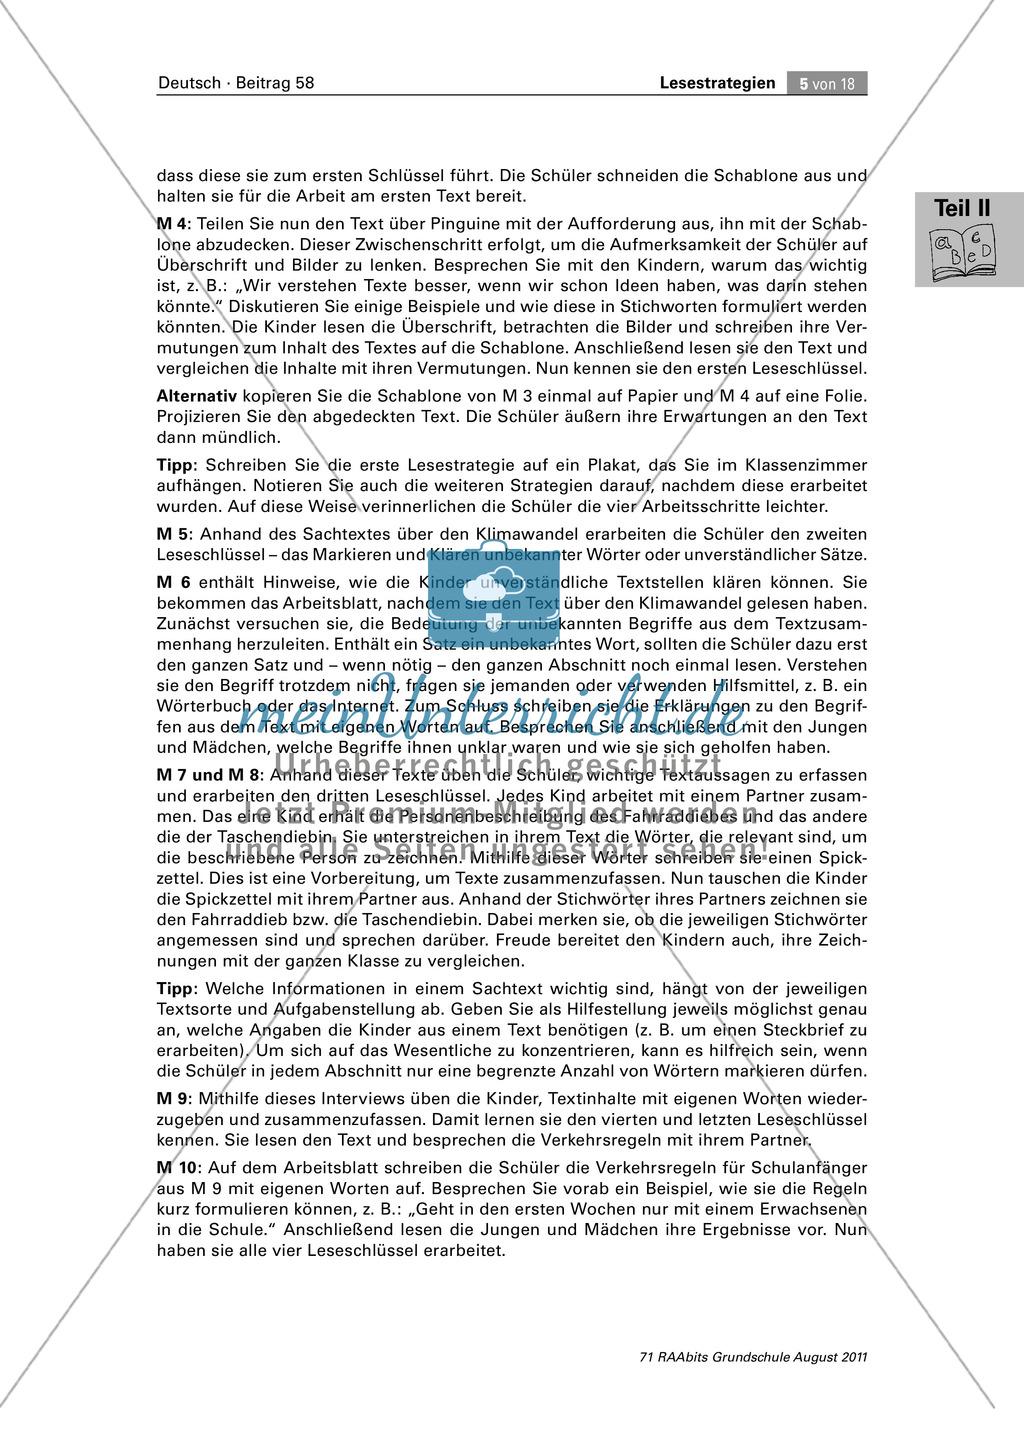 Die vier Schlüssel - Lesestrategien anhand von Sachtexten erarbeiten Preview 4